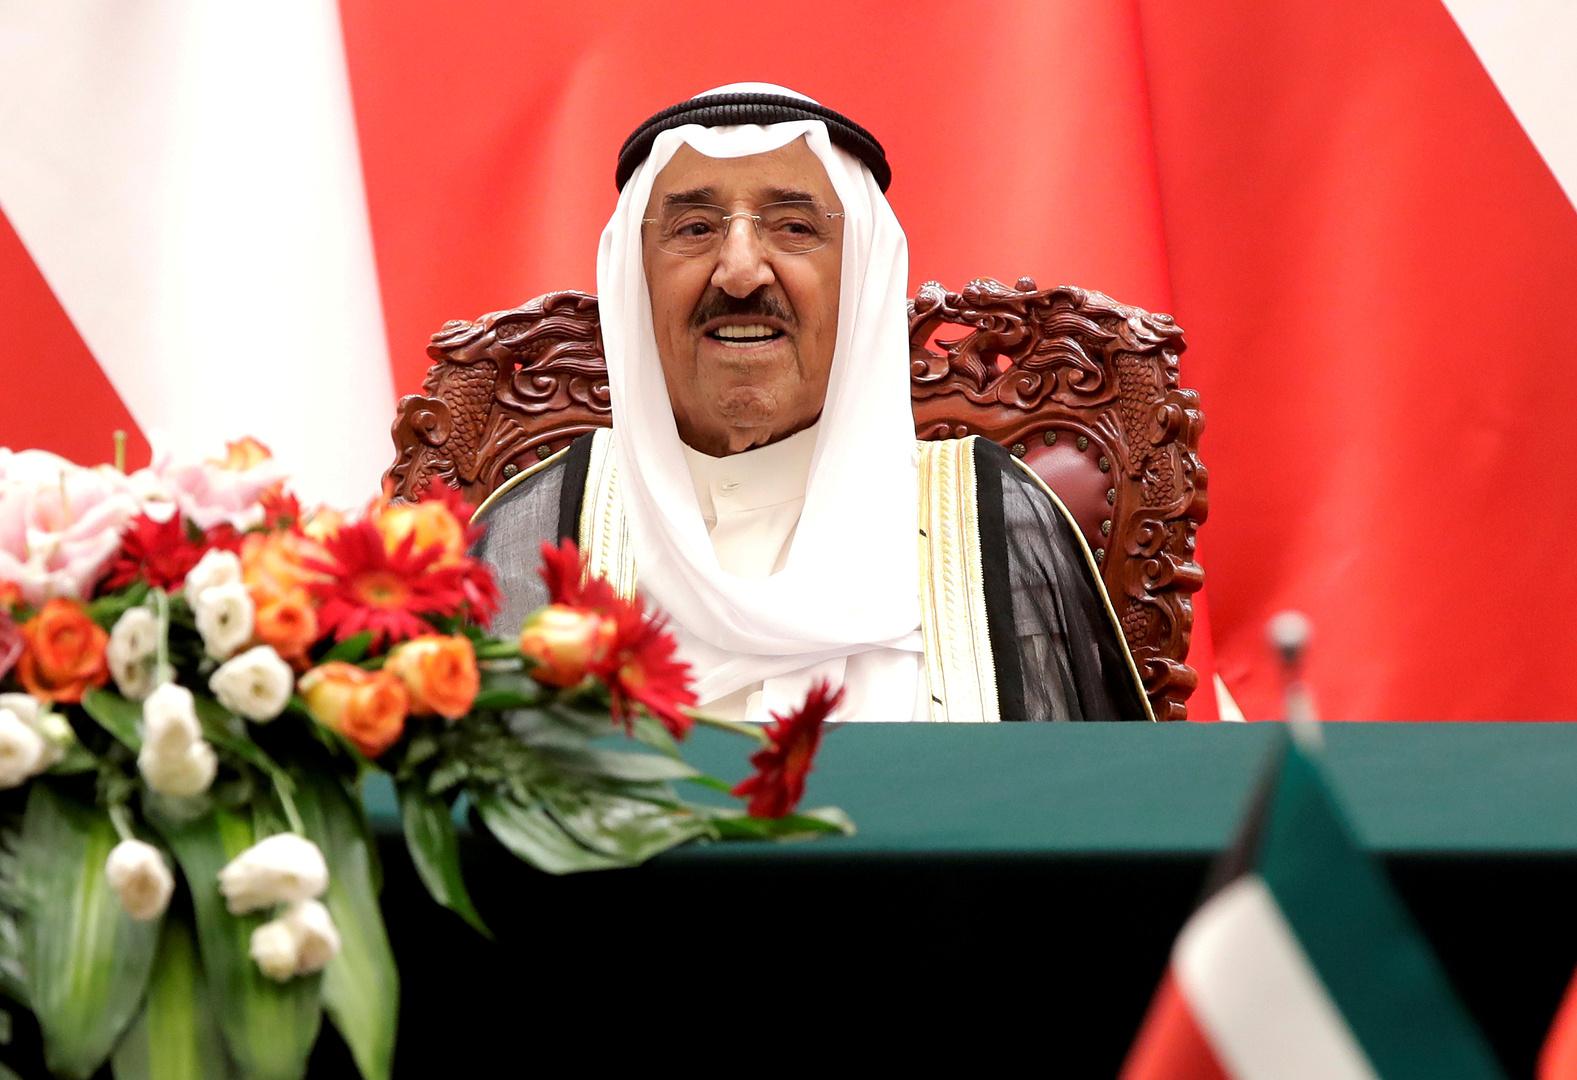 رئيس البرلمان الكويتي يكشف عن آخر الأنباء حول صحة أمير البلاد